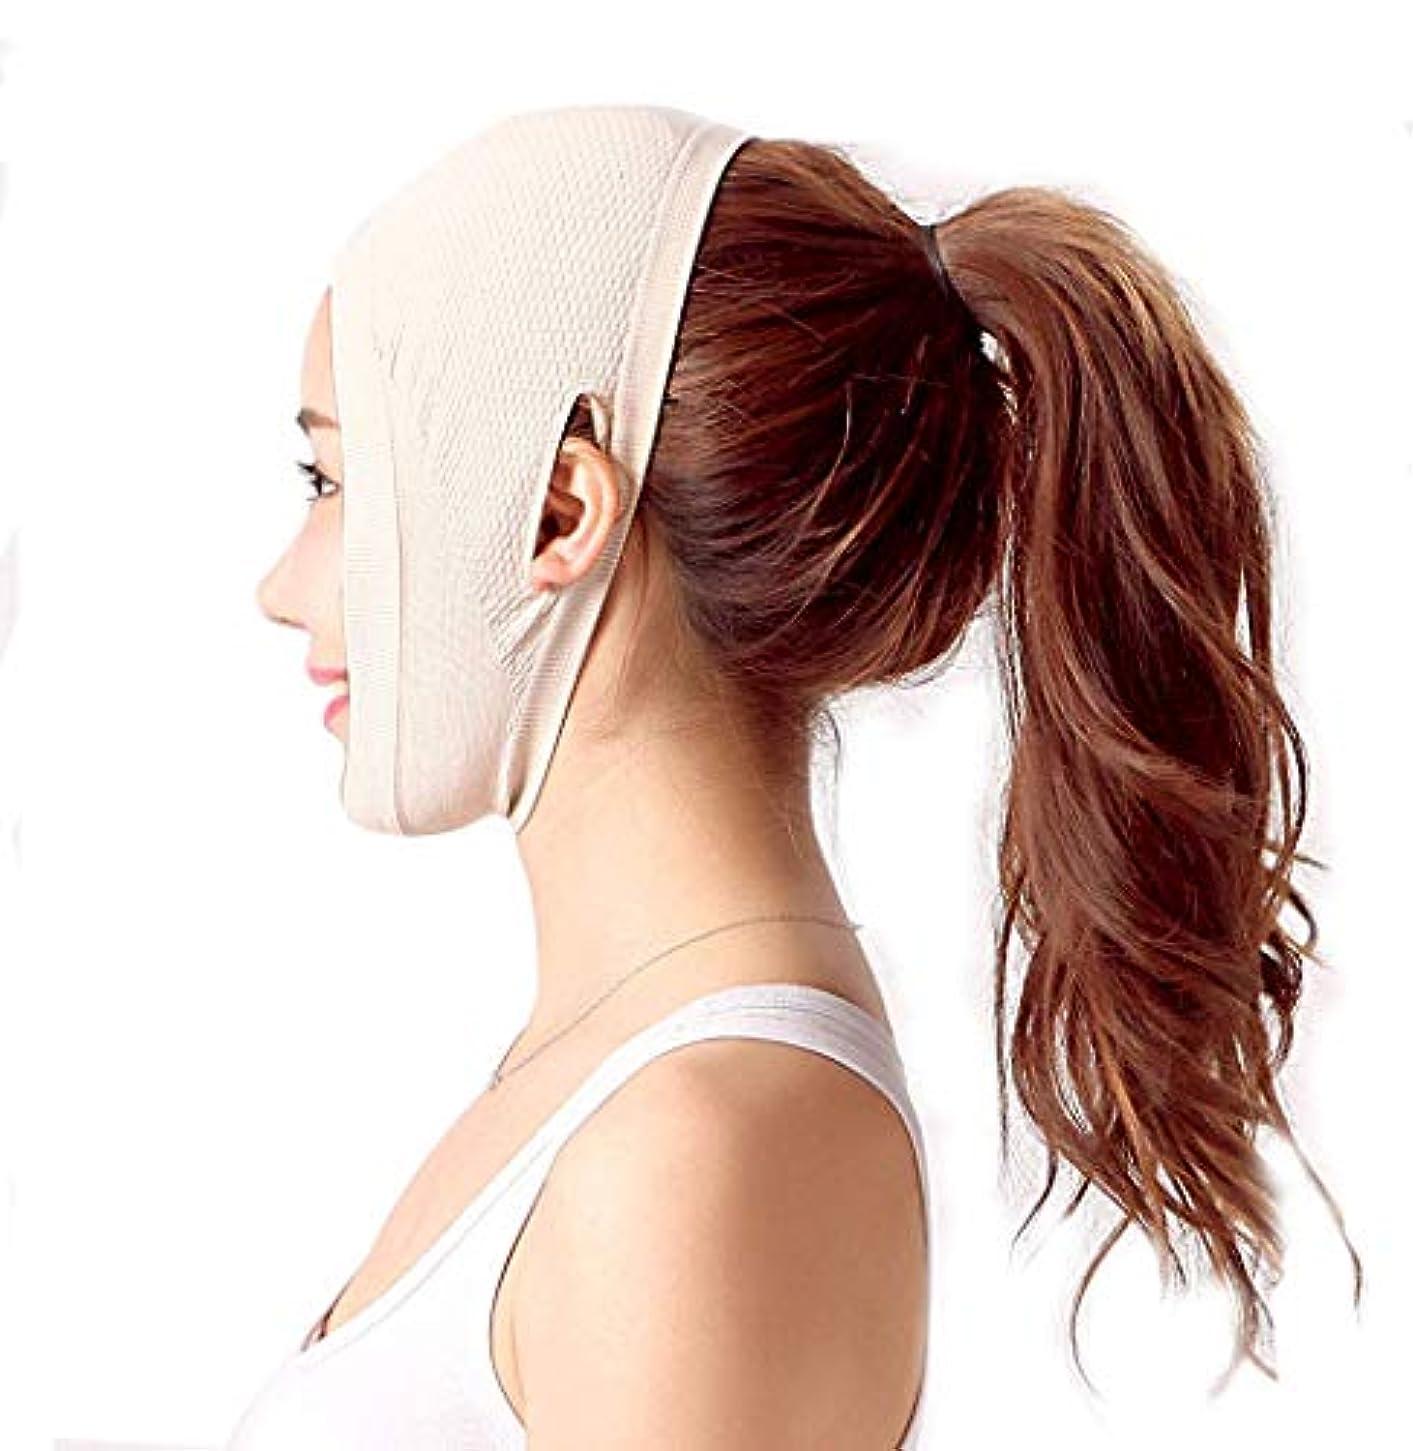 差別発見する発明する整形外科手術後の回復ヘッドギア医療マスク睡眠Vフェイスリフティング包帯薄いフェイスマスク(サイズ:肌の色(A)),肌の色調(A)